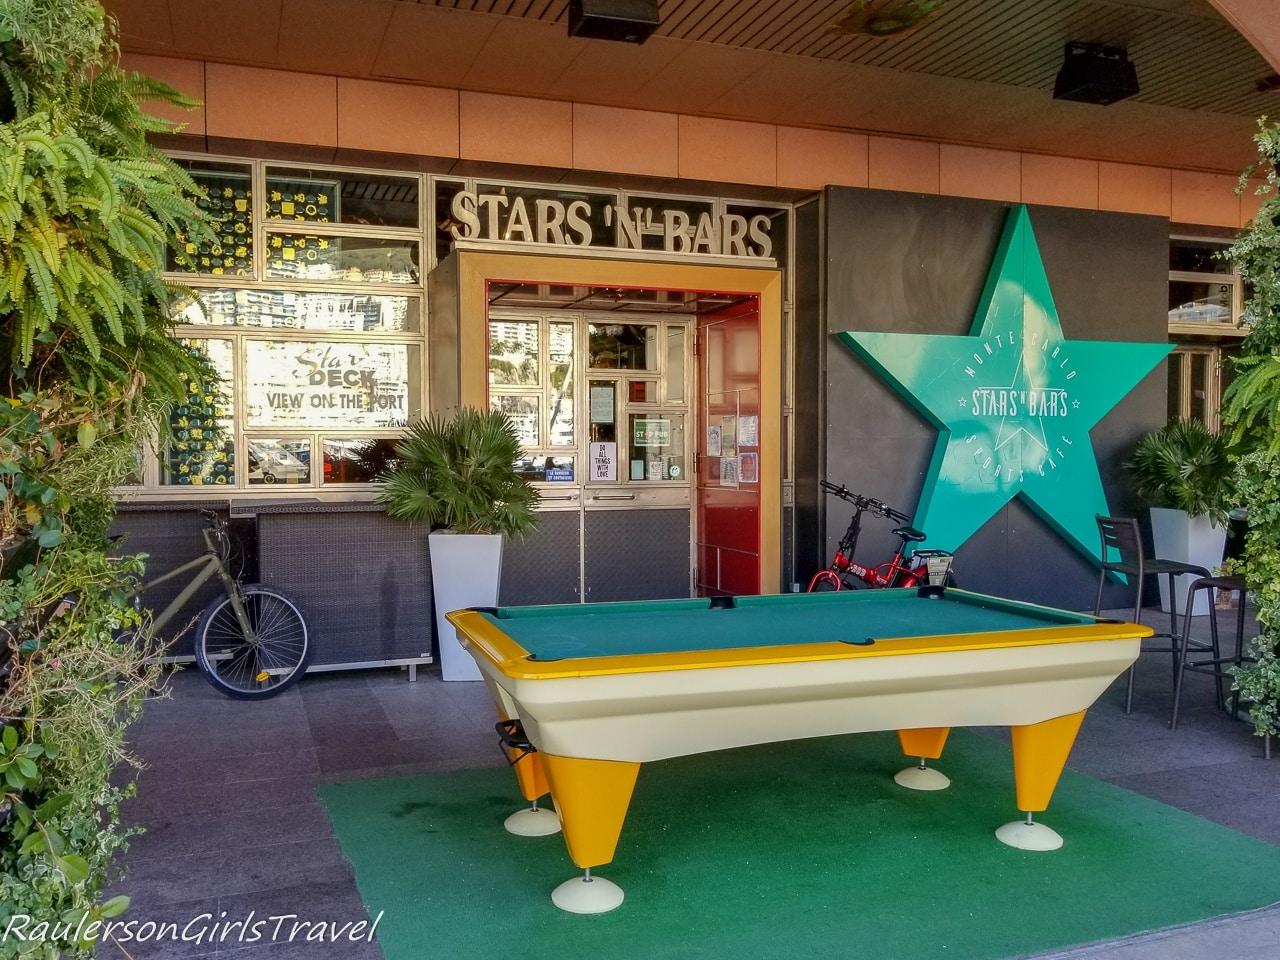 Stars 'n' Bars Restaurant